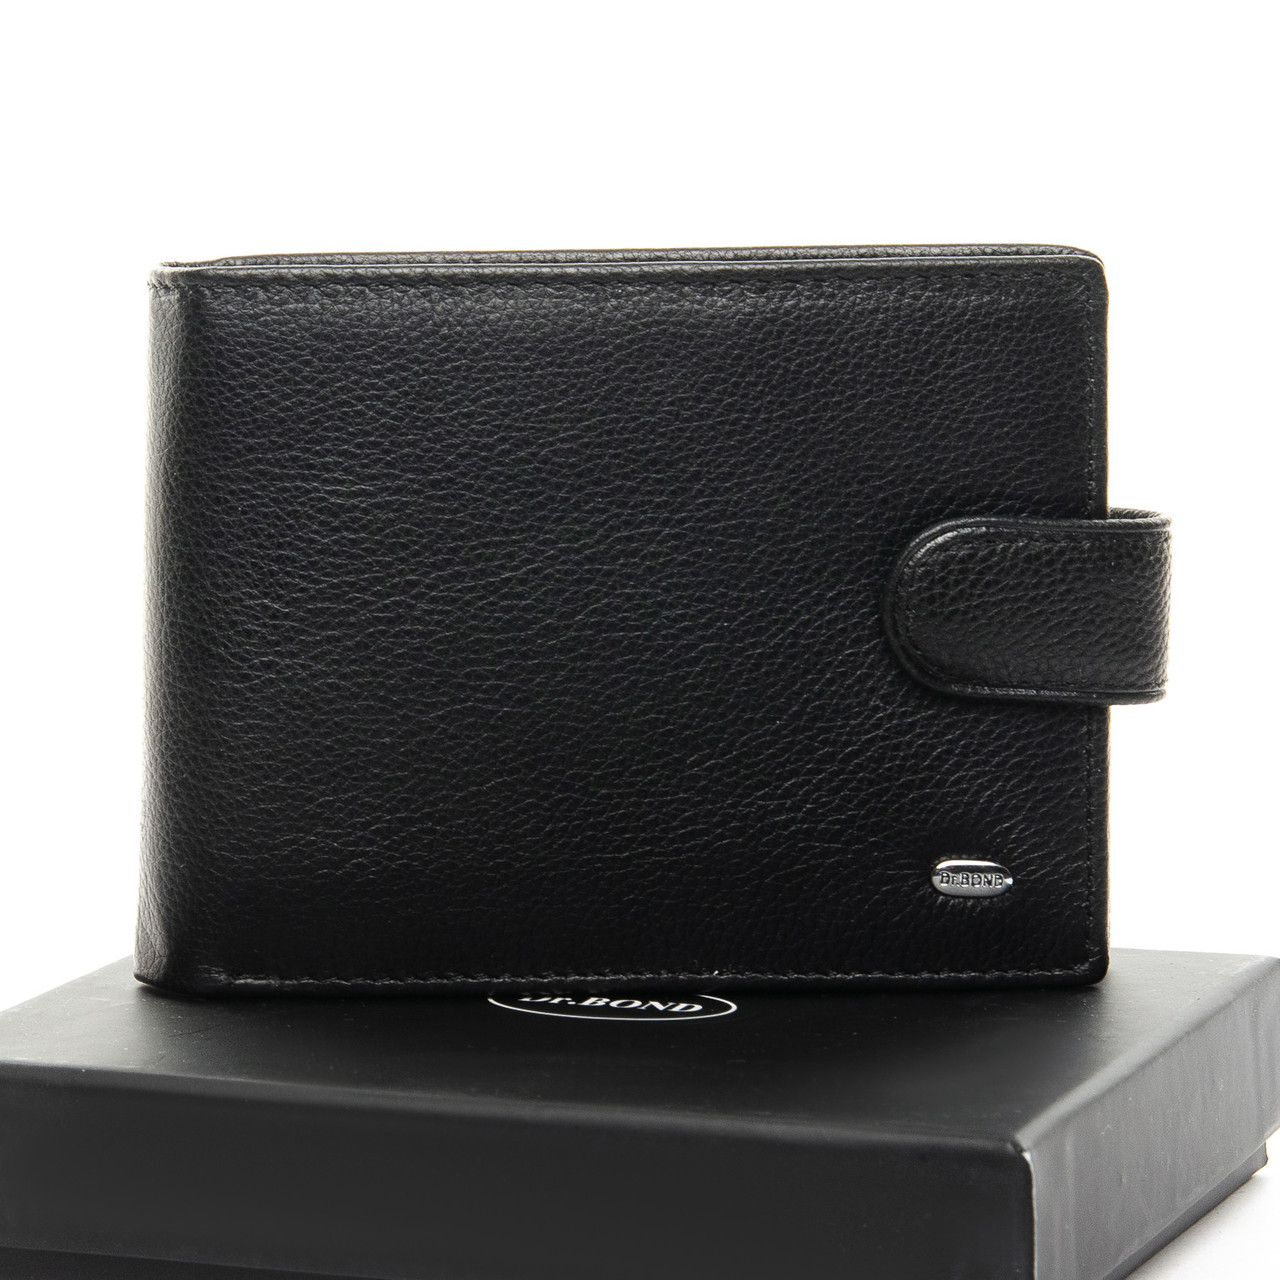 Шкіряний чоловічий гаманець / Кожаный мужской кошелек DR. BOND M182-1 black